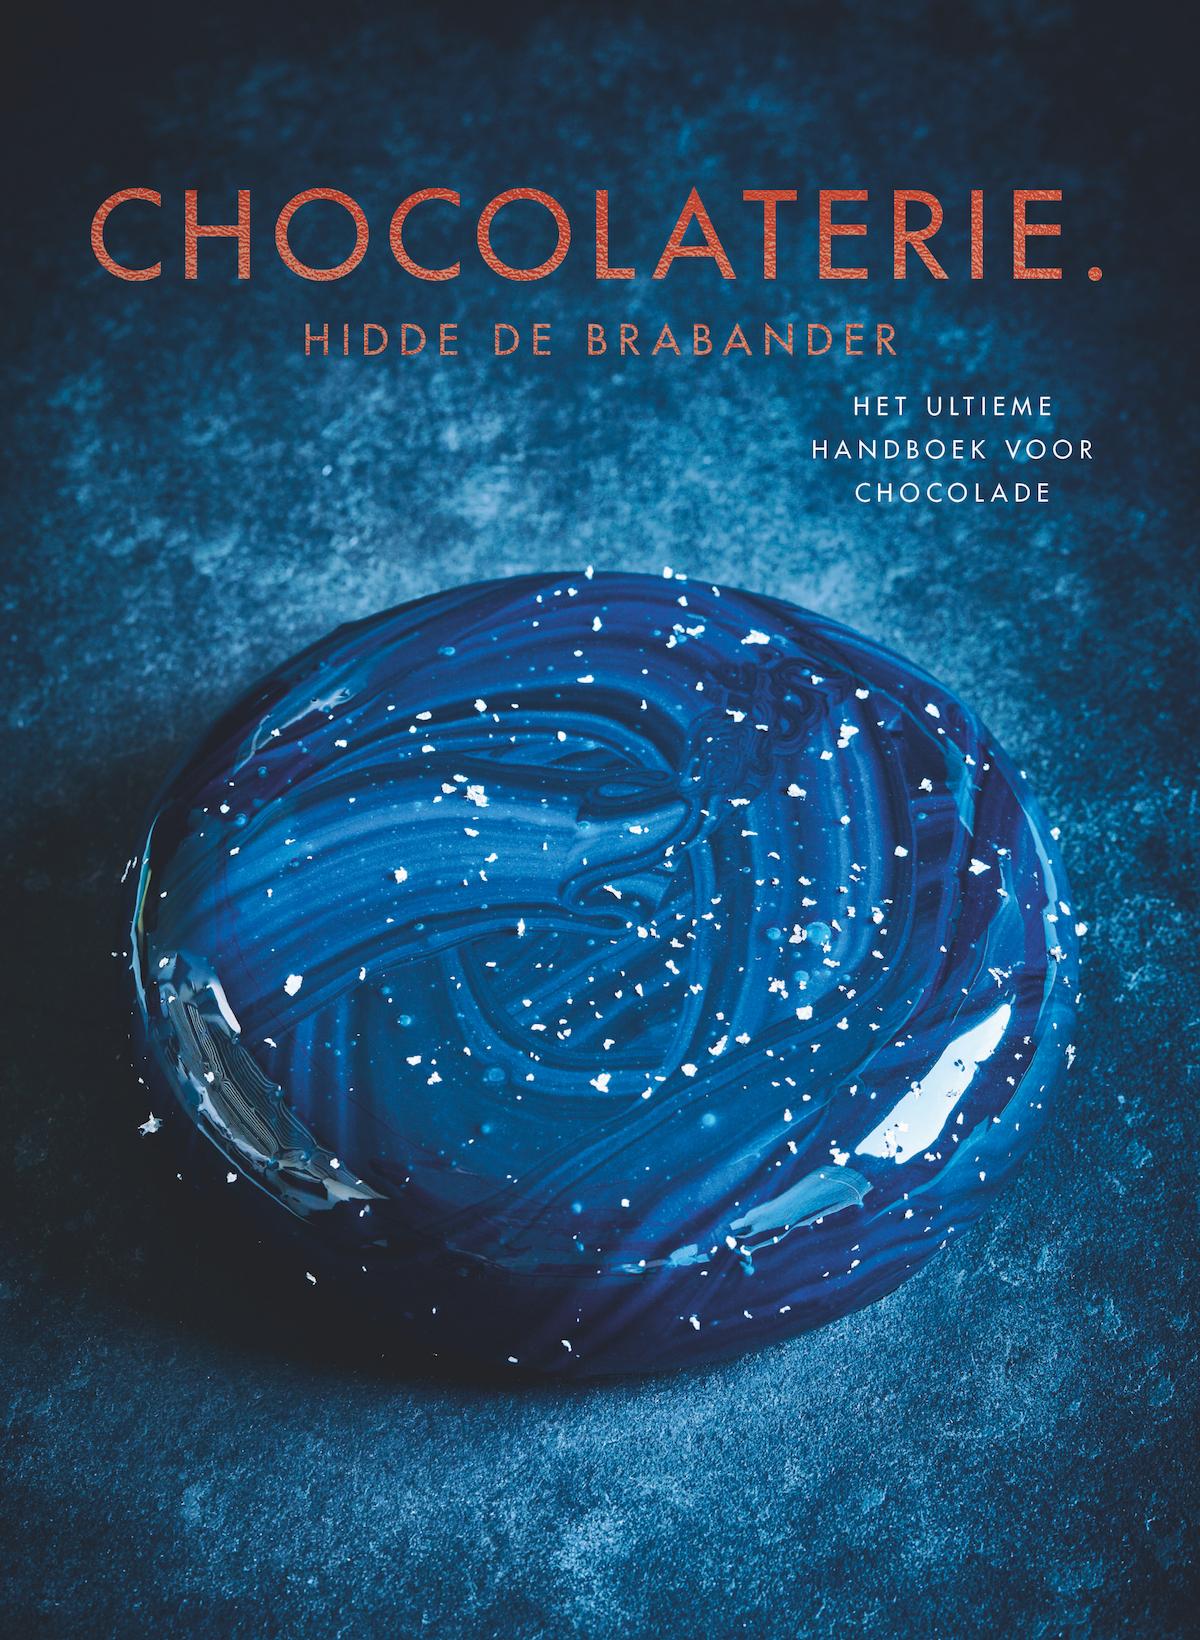 Chocolaterie Hidde de Brabander